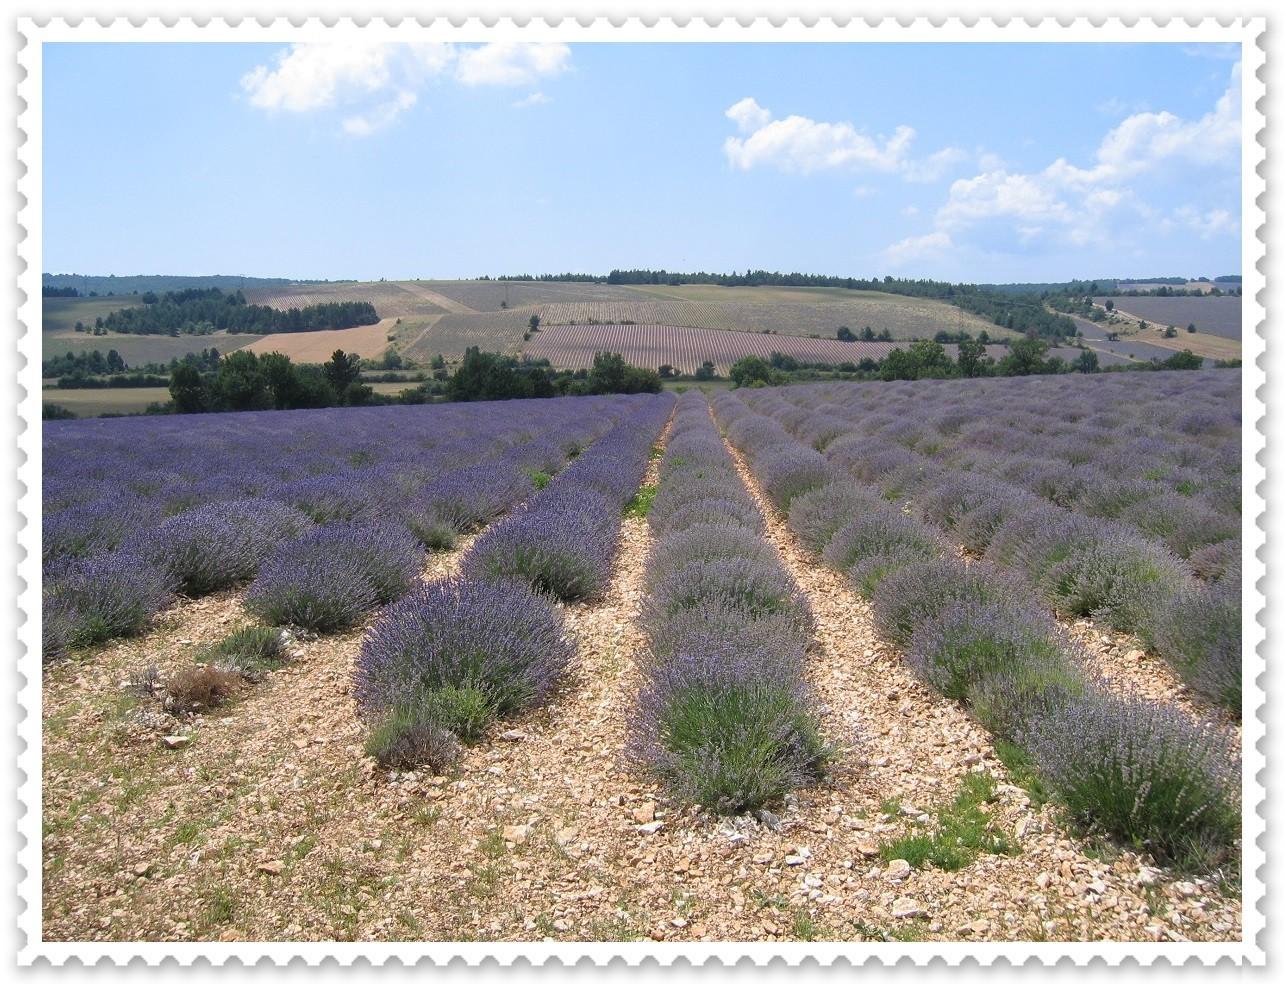 Lavandin (links) und Lavendel (rechts) im Vergleich